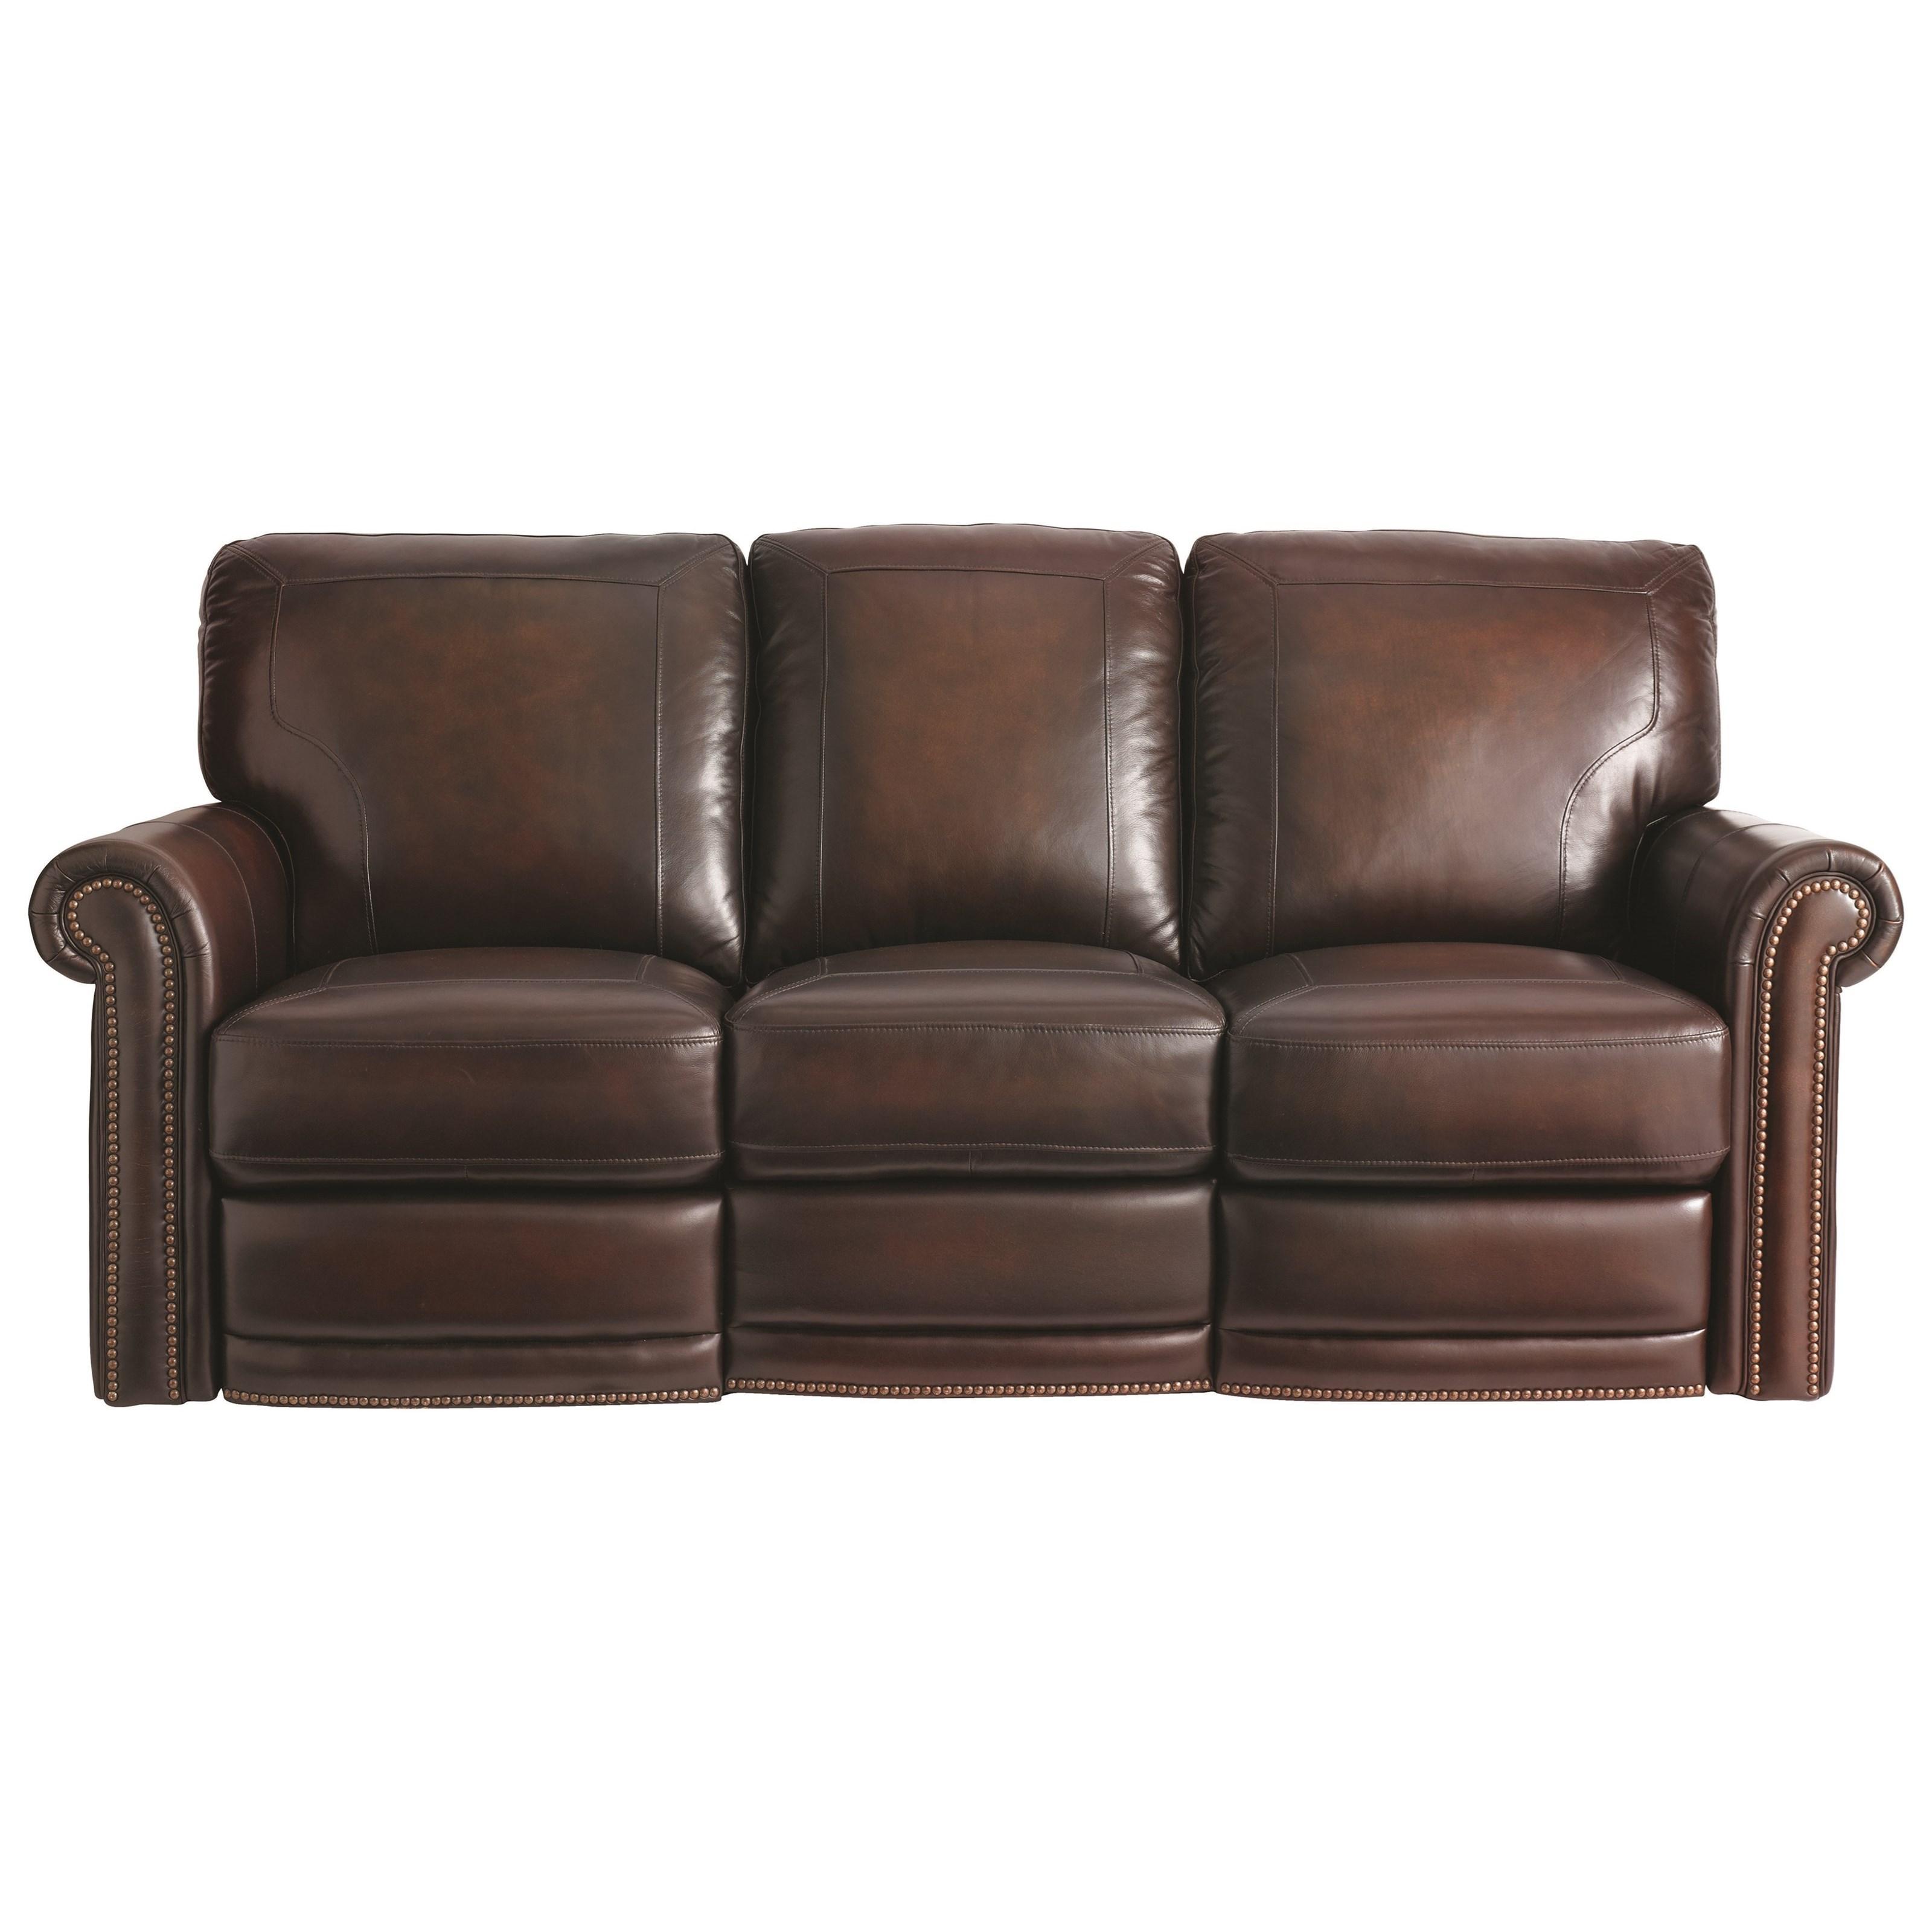 Sofa hamilton hamilton sofas en thesofa for Sectional sofas hamilton